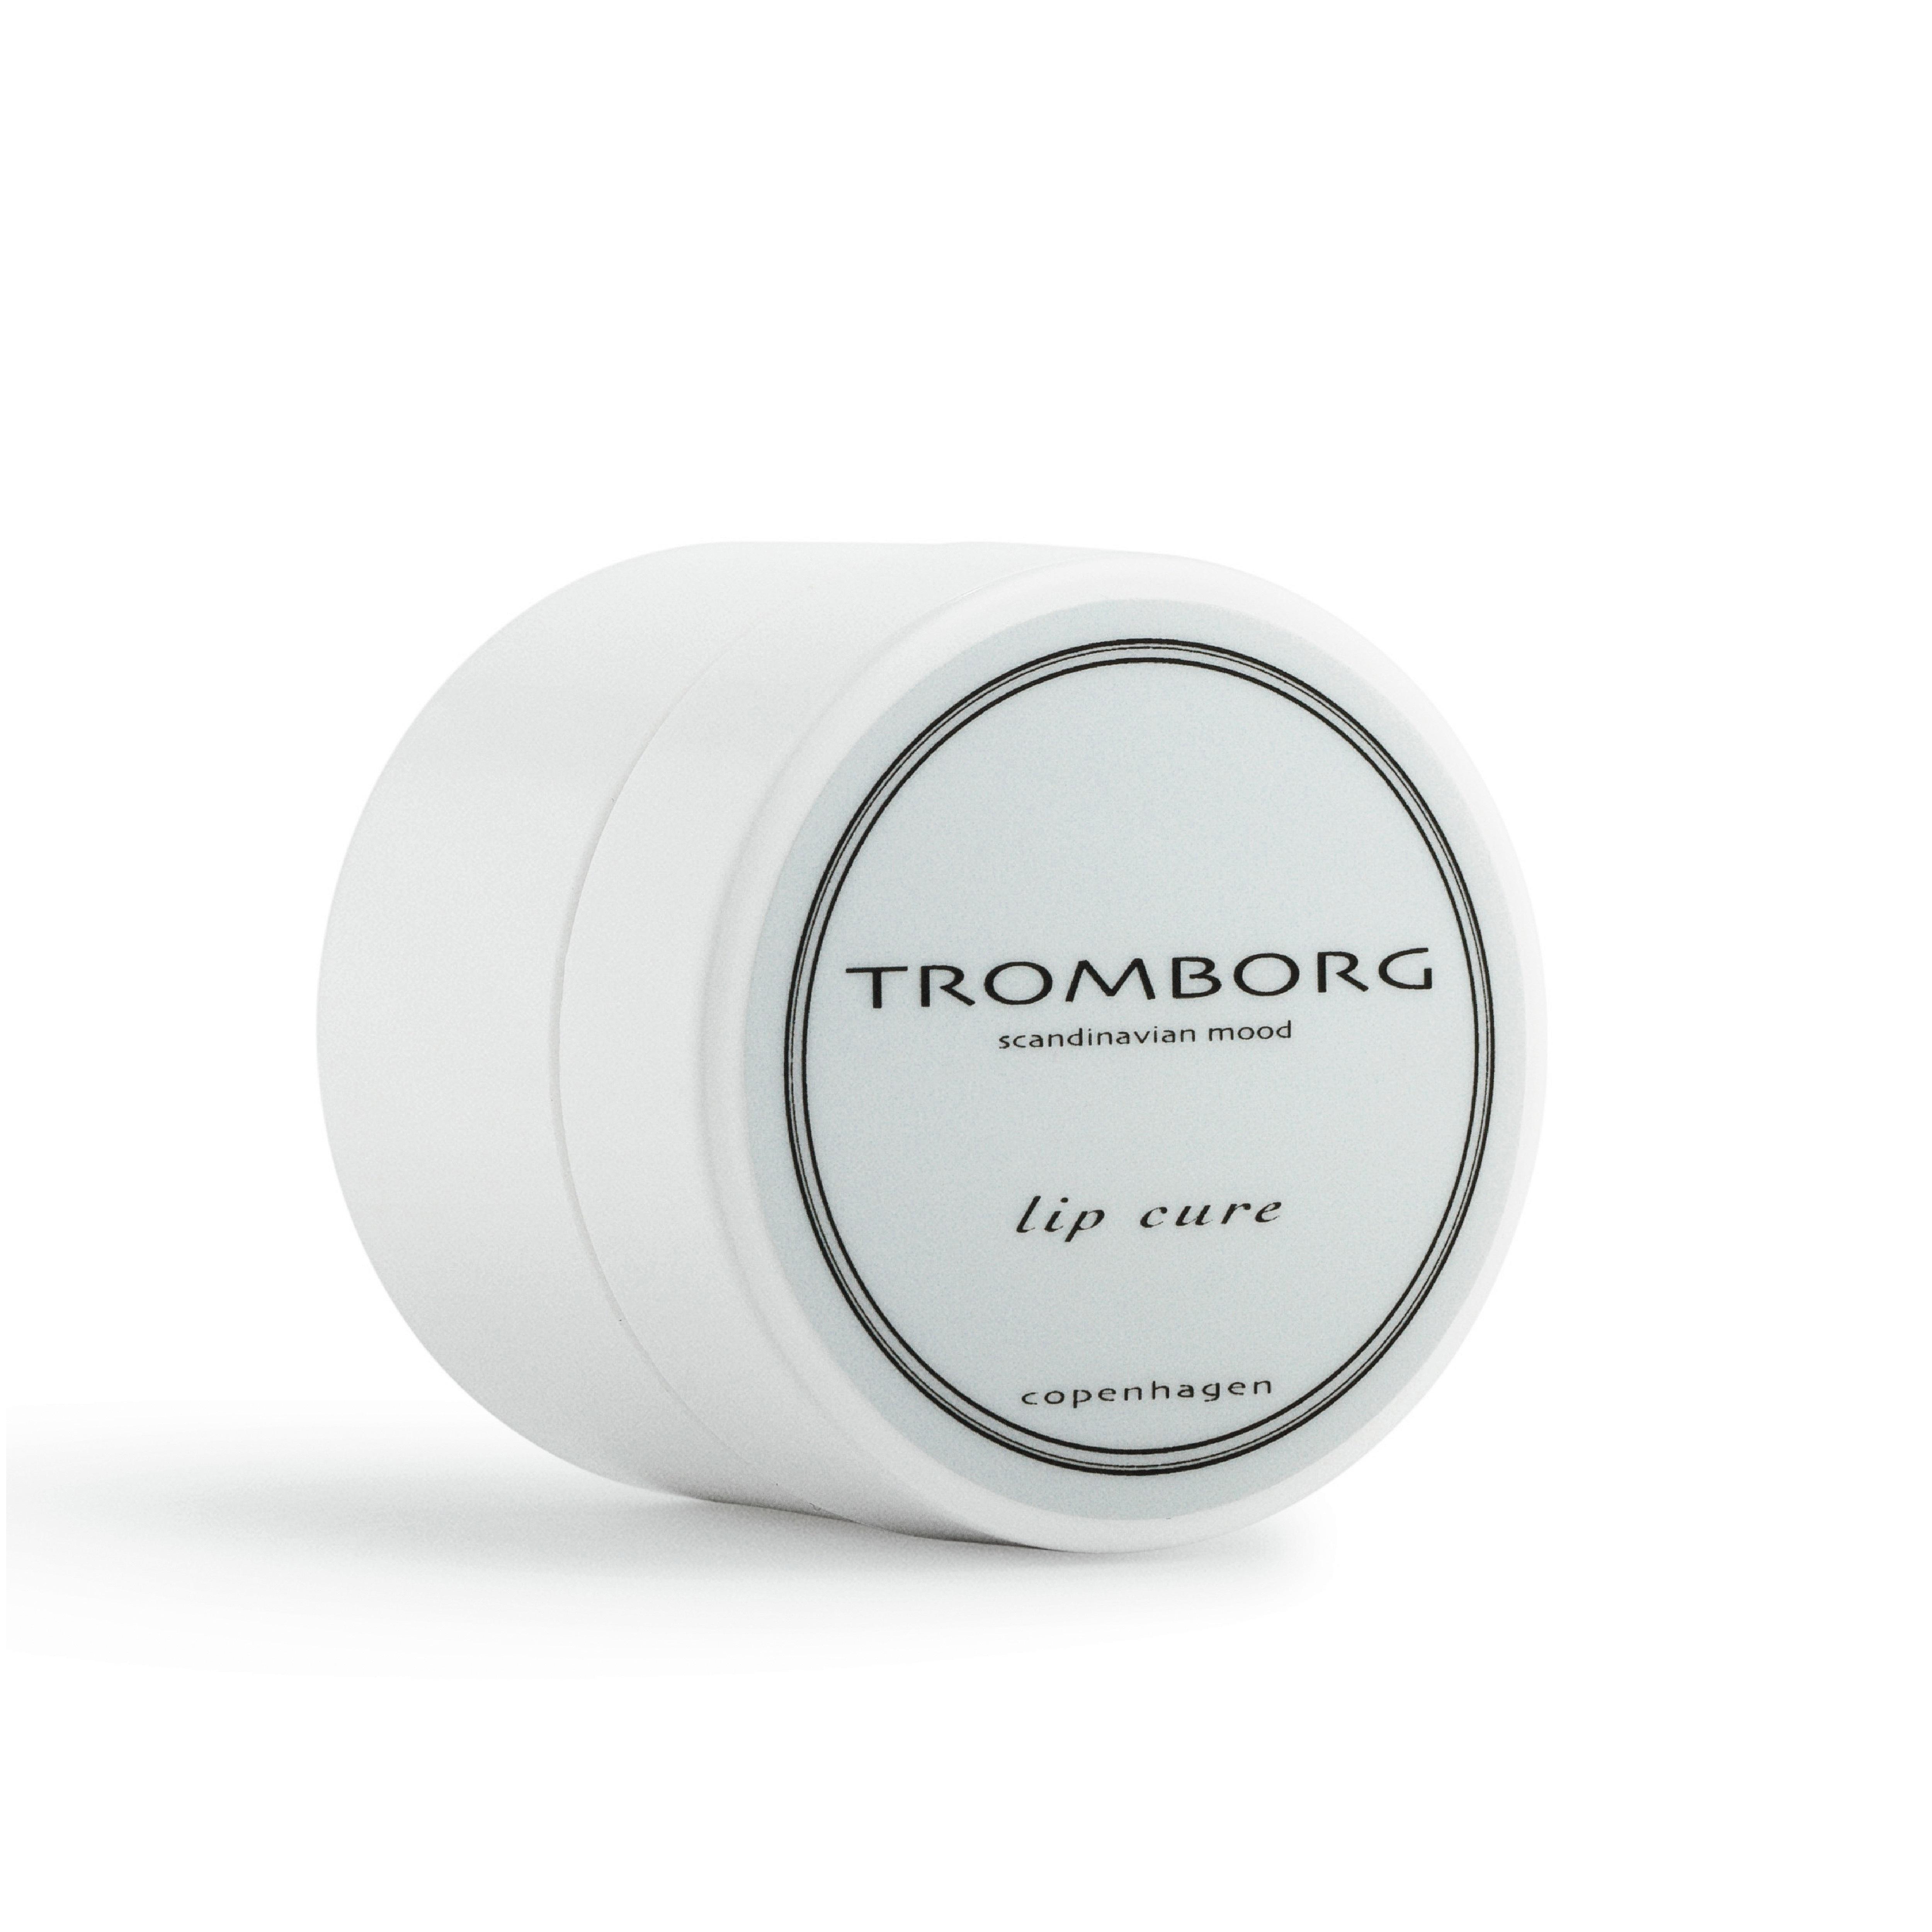 Tromborg Lip Cure, 15 ml